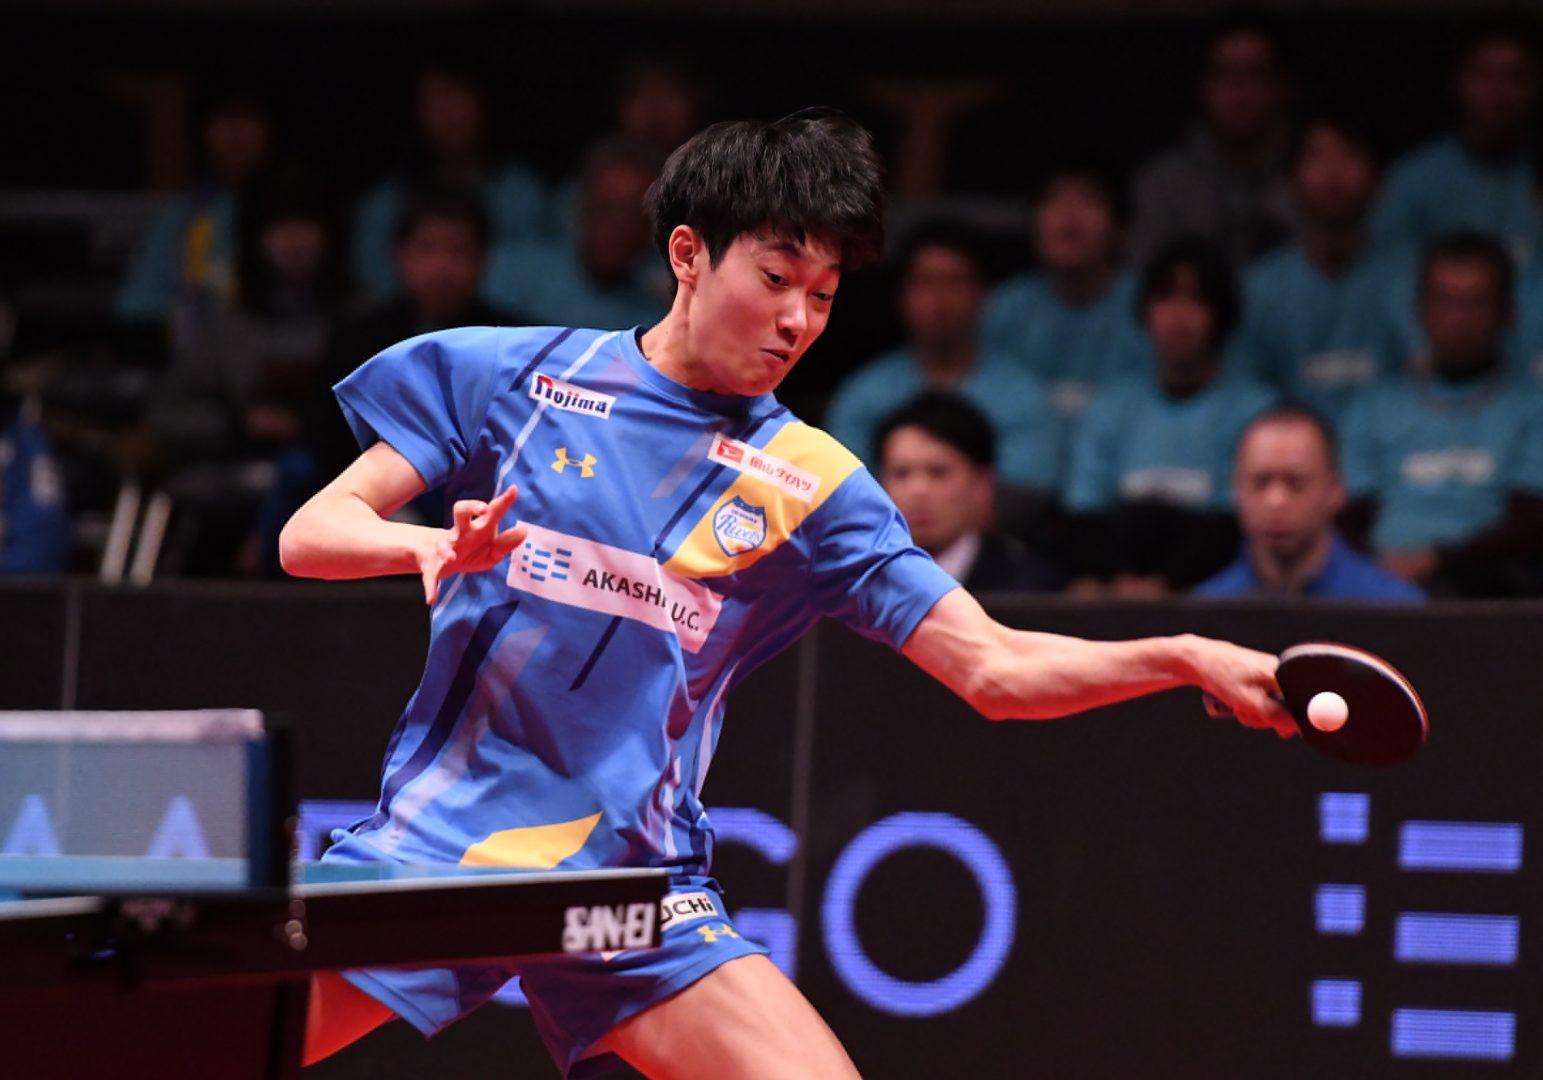 岡山リベッツ連敗脱出 新加入・趙大成が2勝の大活躍<卓球・Tリーグ結果速報>